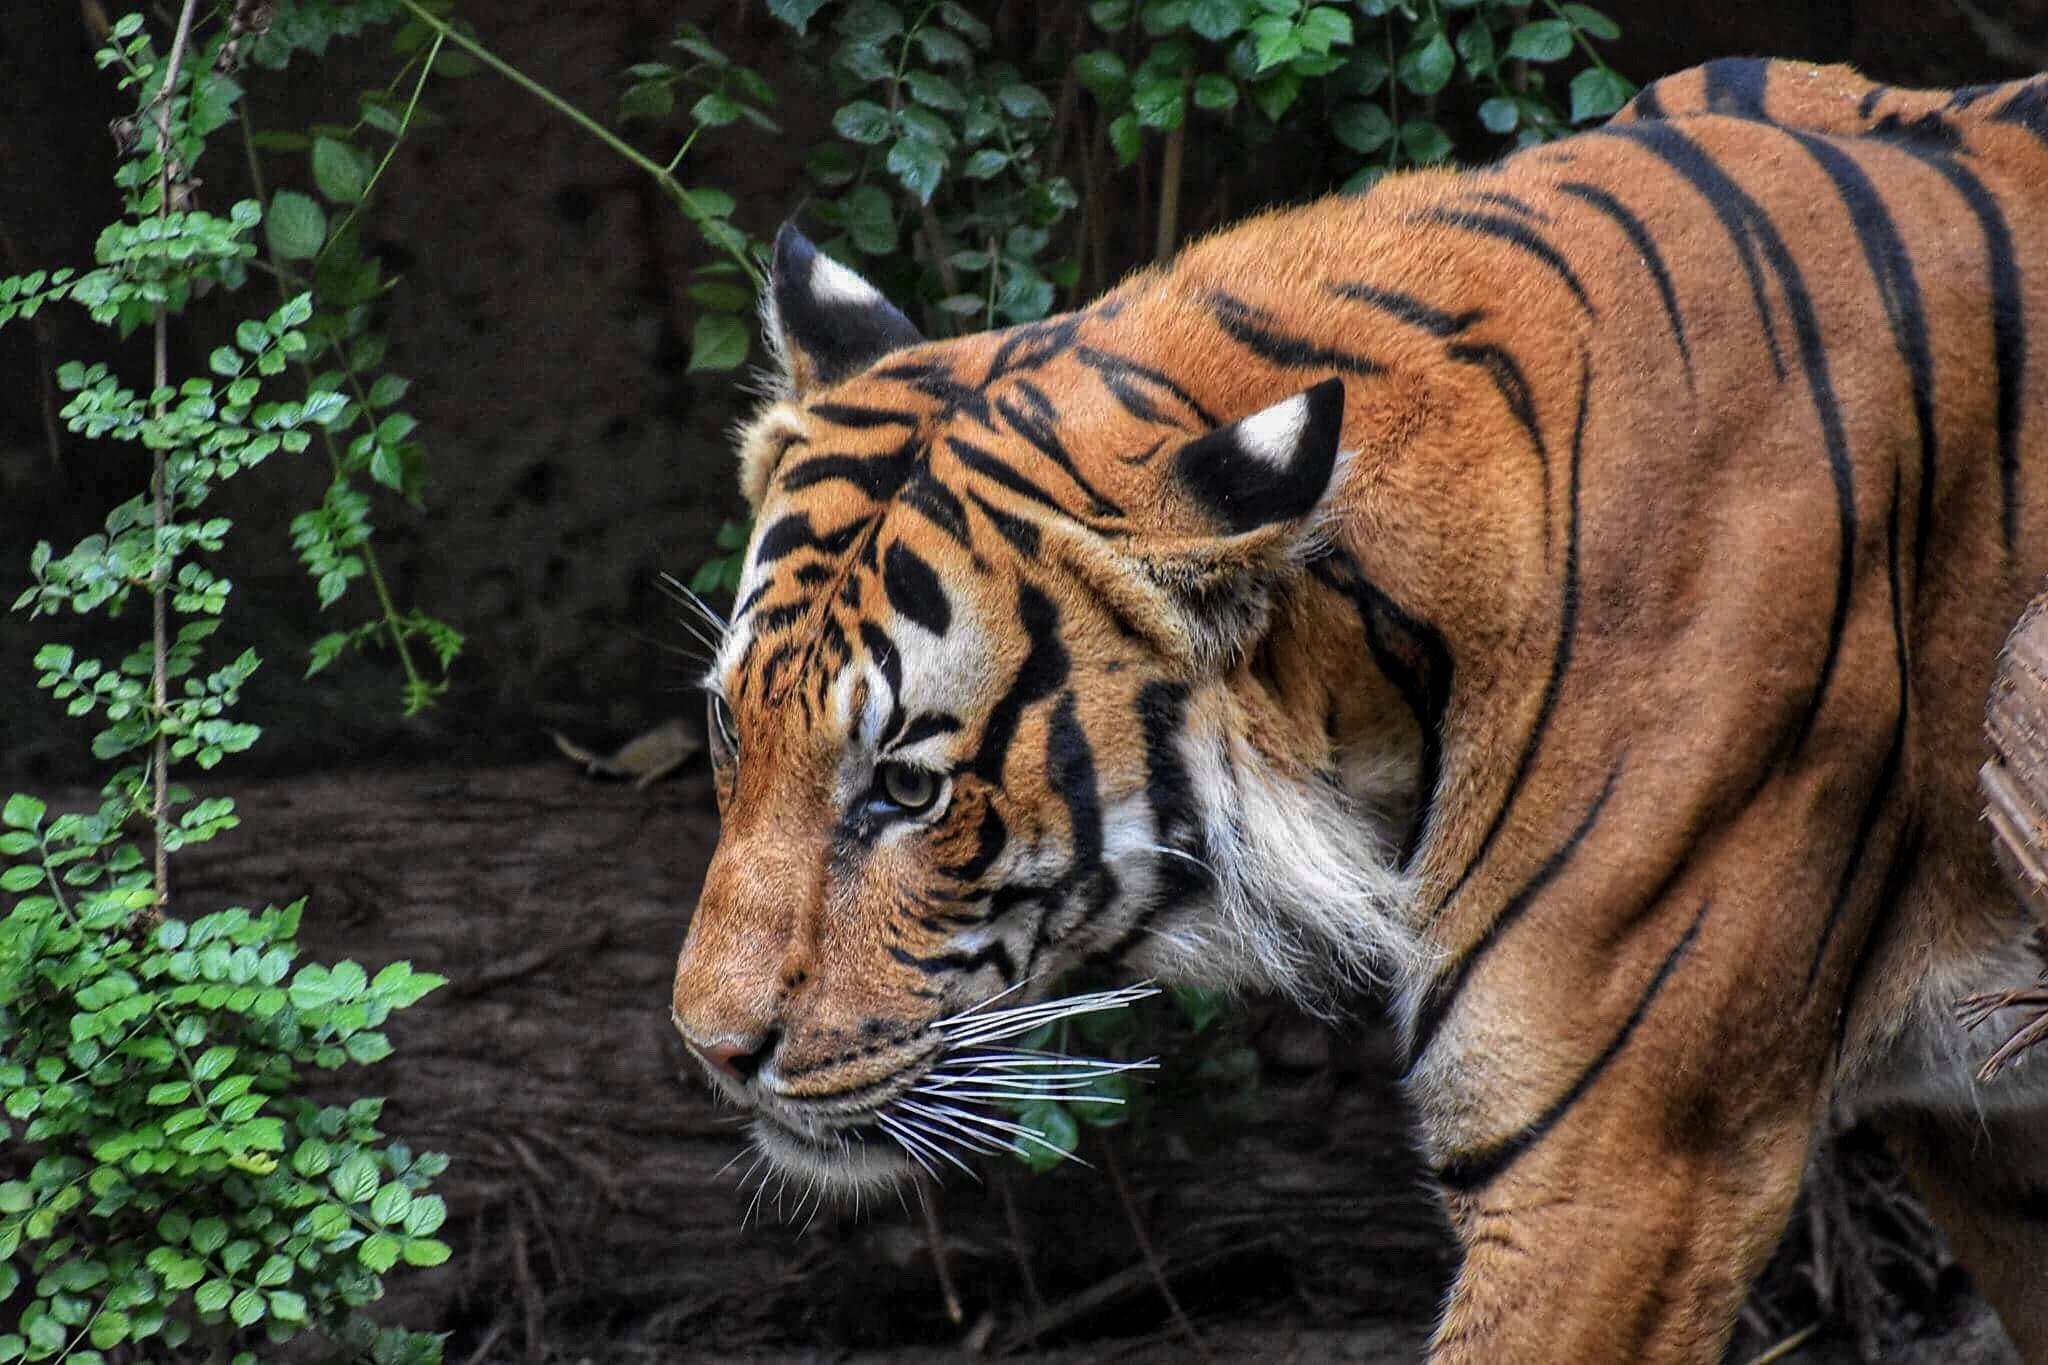 Brown and Black Tiger Beside Wood Log